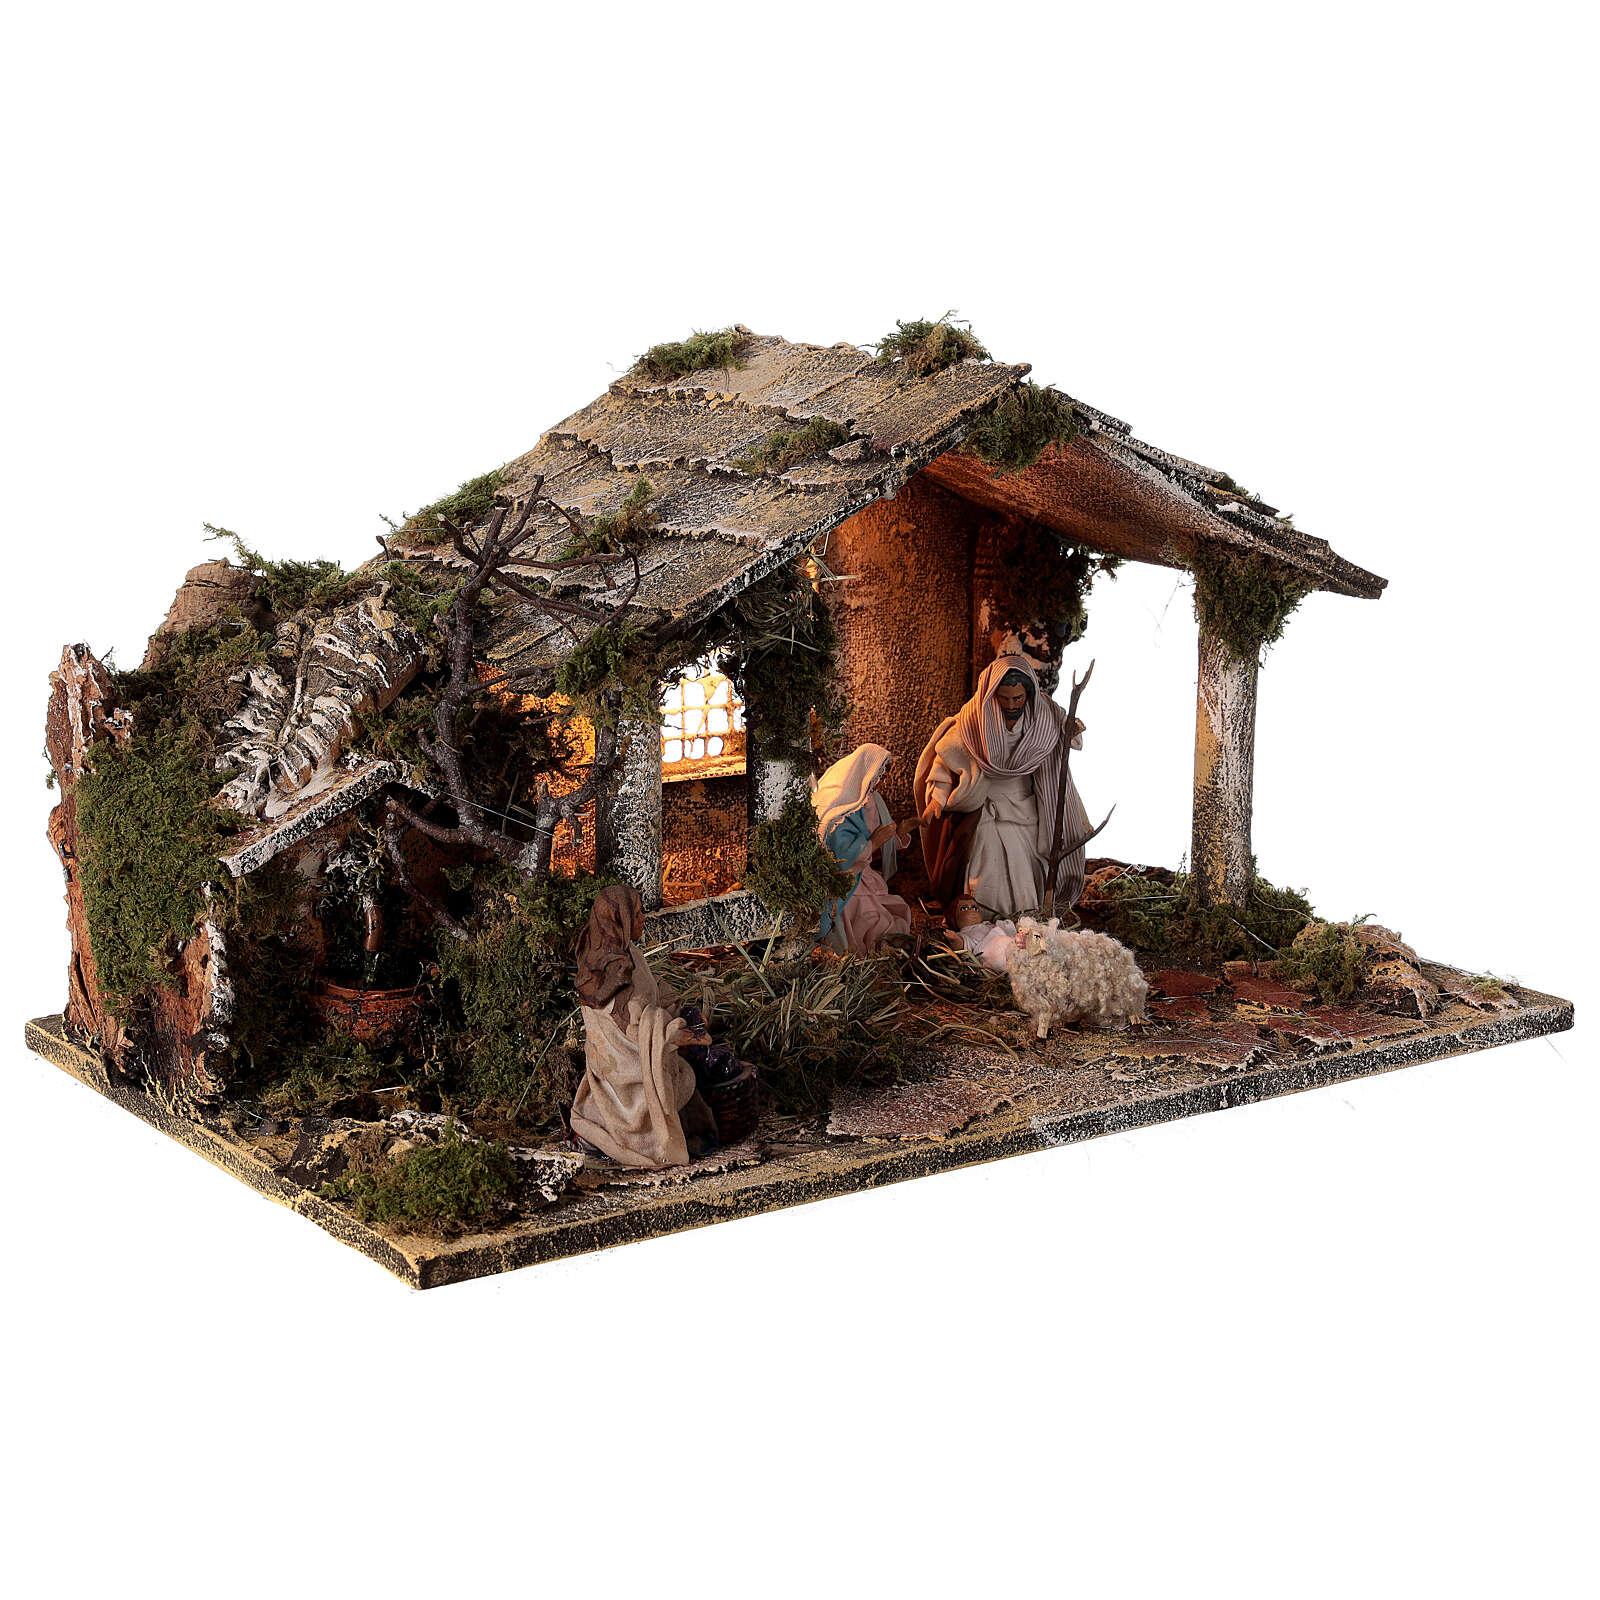 Cabane complète Nativité 12 cm fontaine crèche napolitaine 30x45x25 cm 4